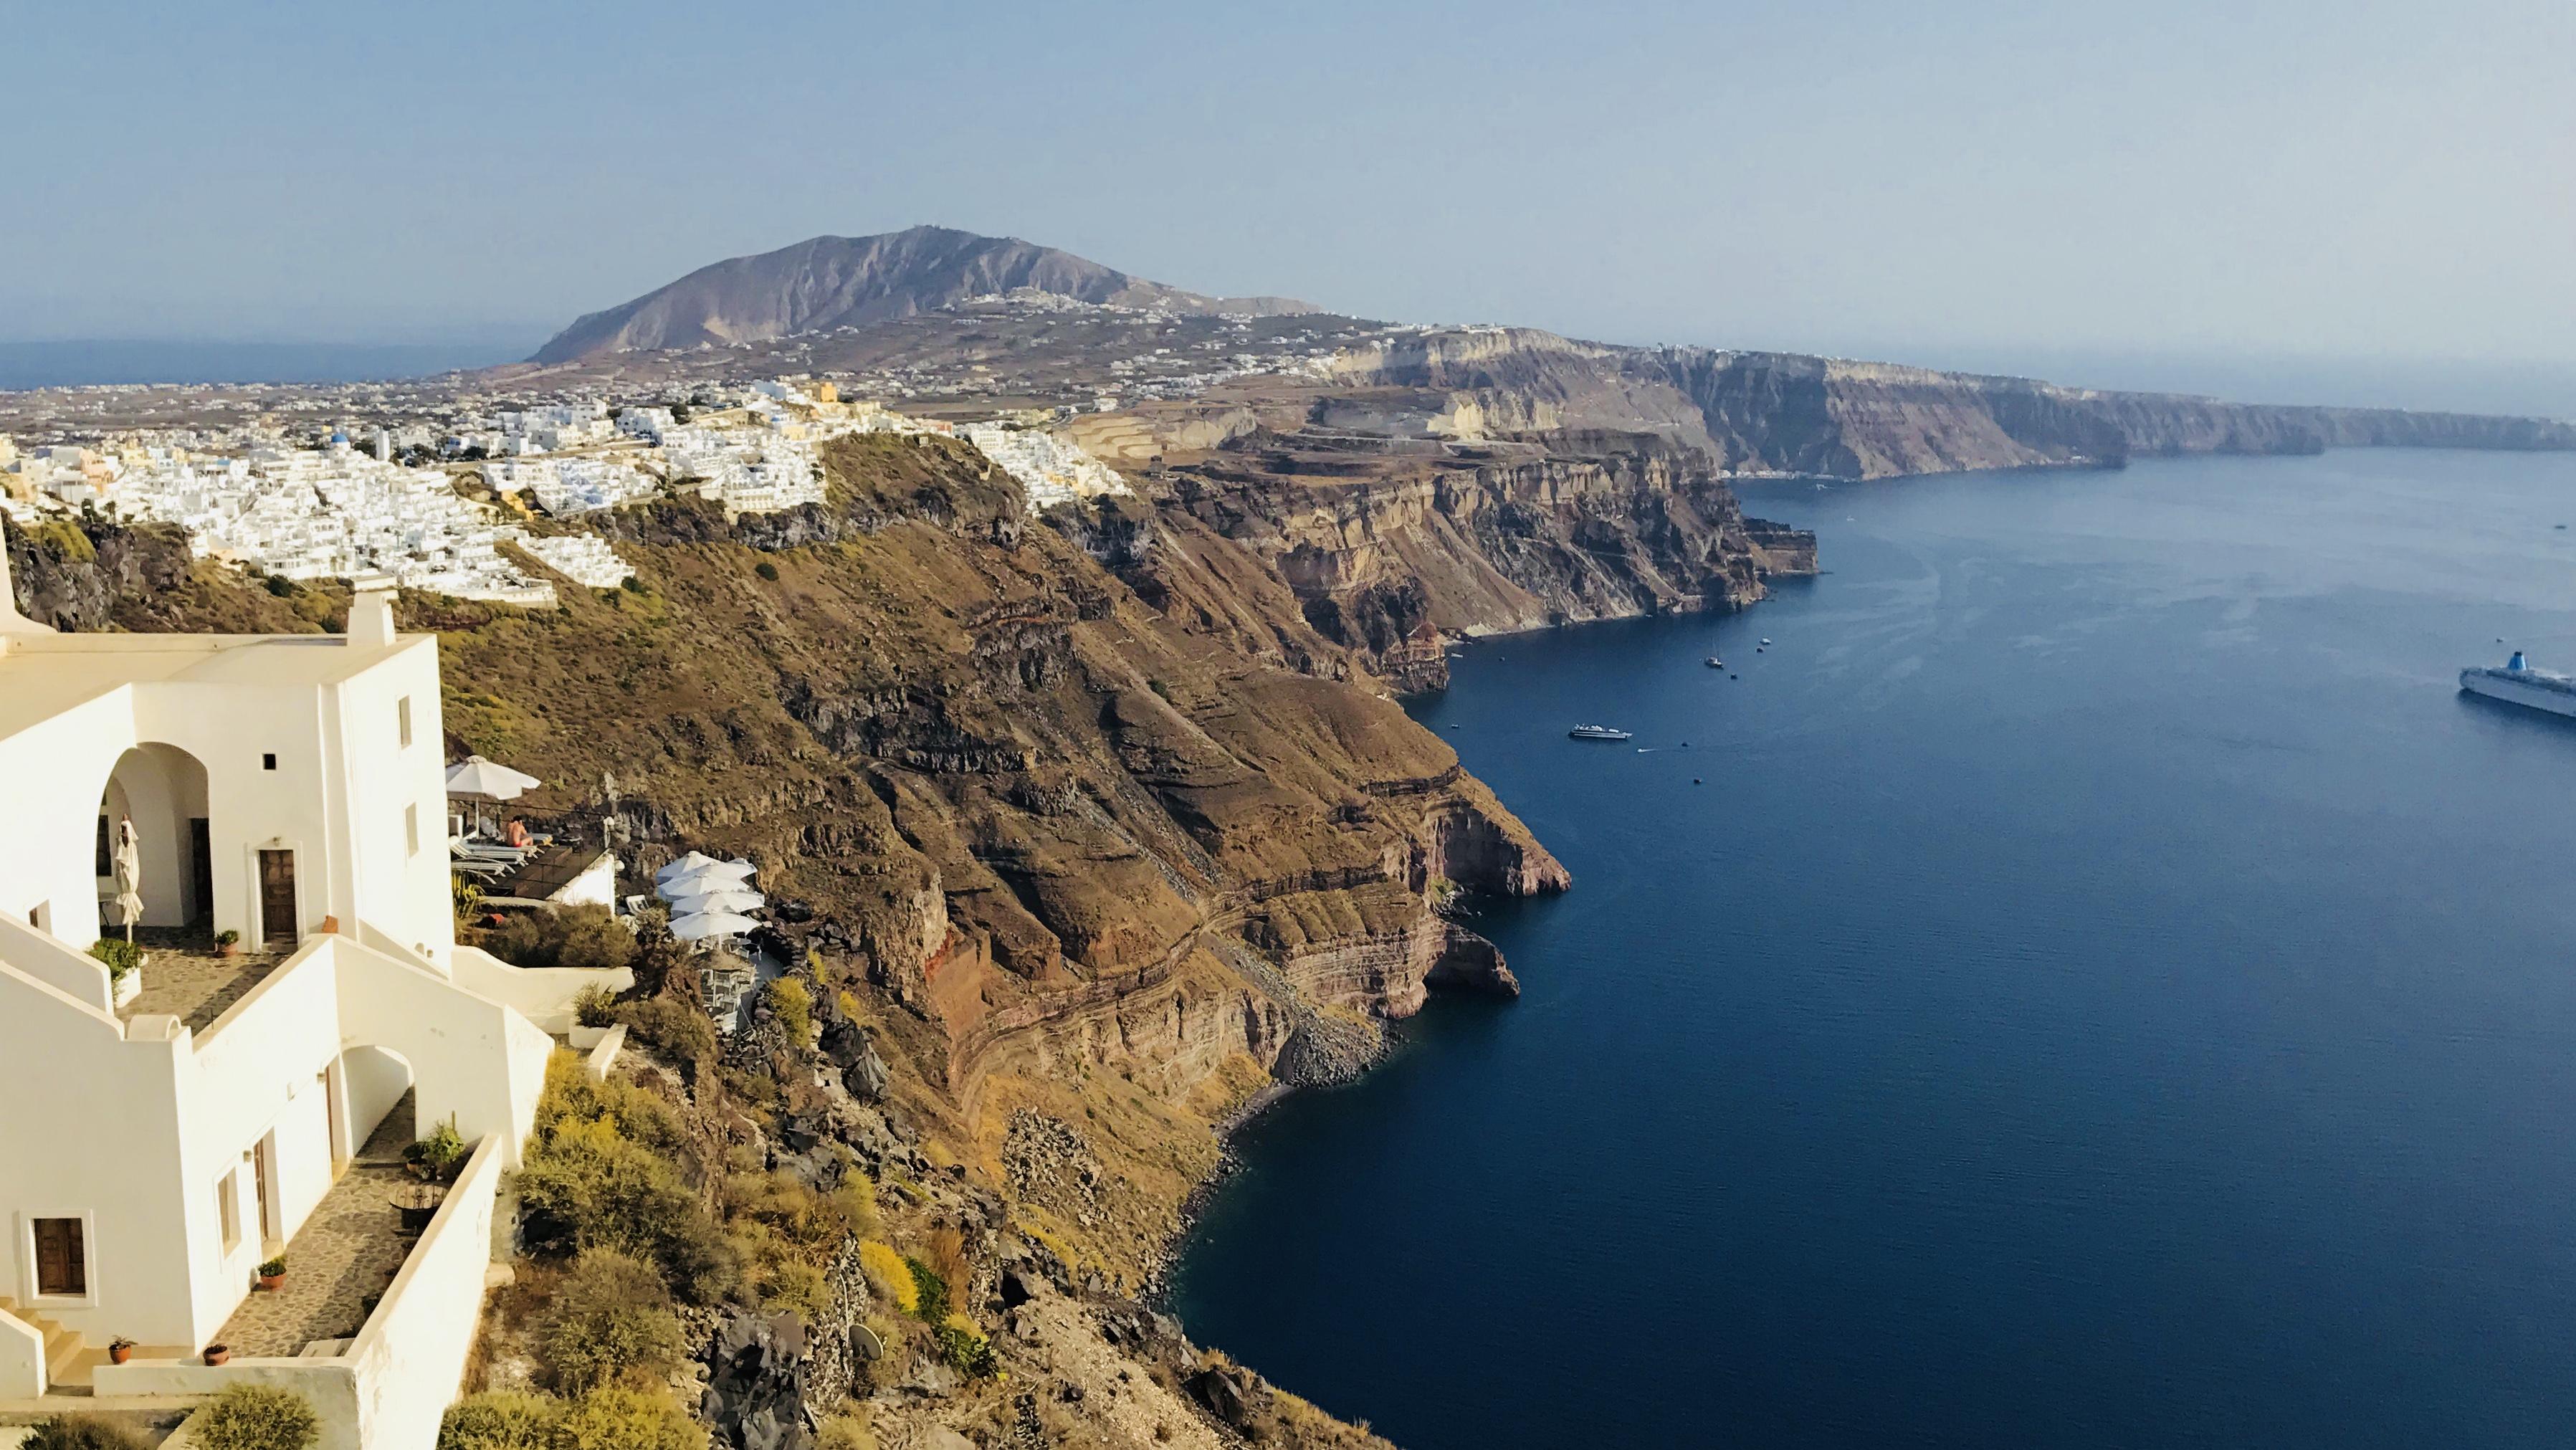 inViaggiocolToscano: Imperial Med, Trasporti e luoghi dove ...